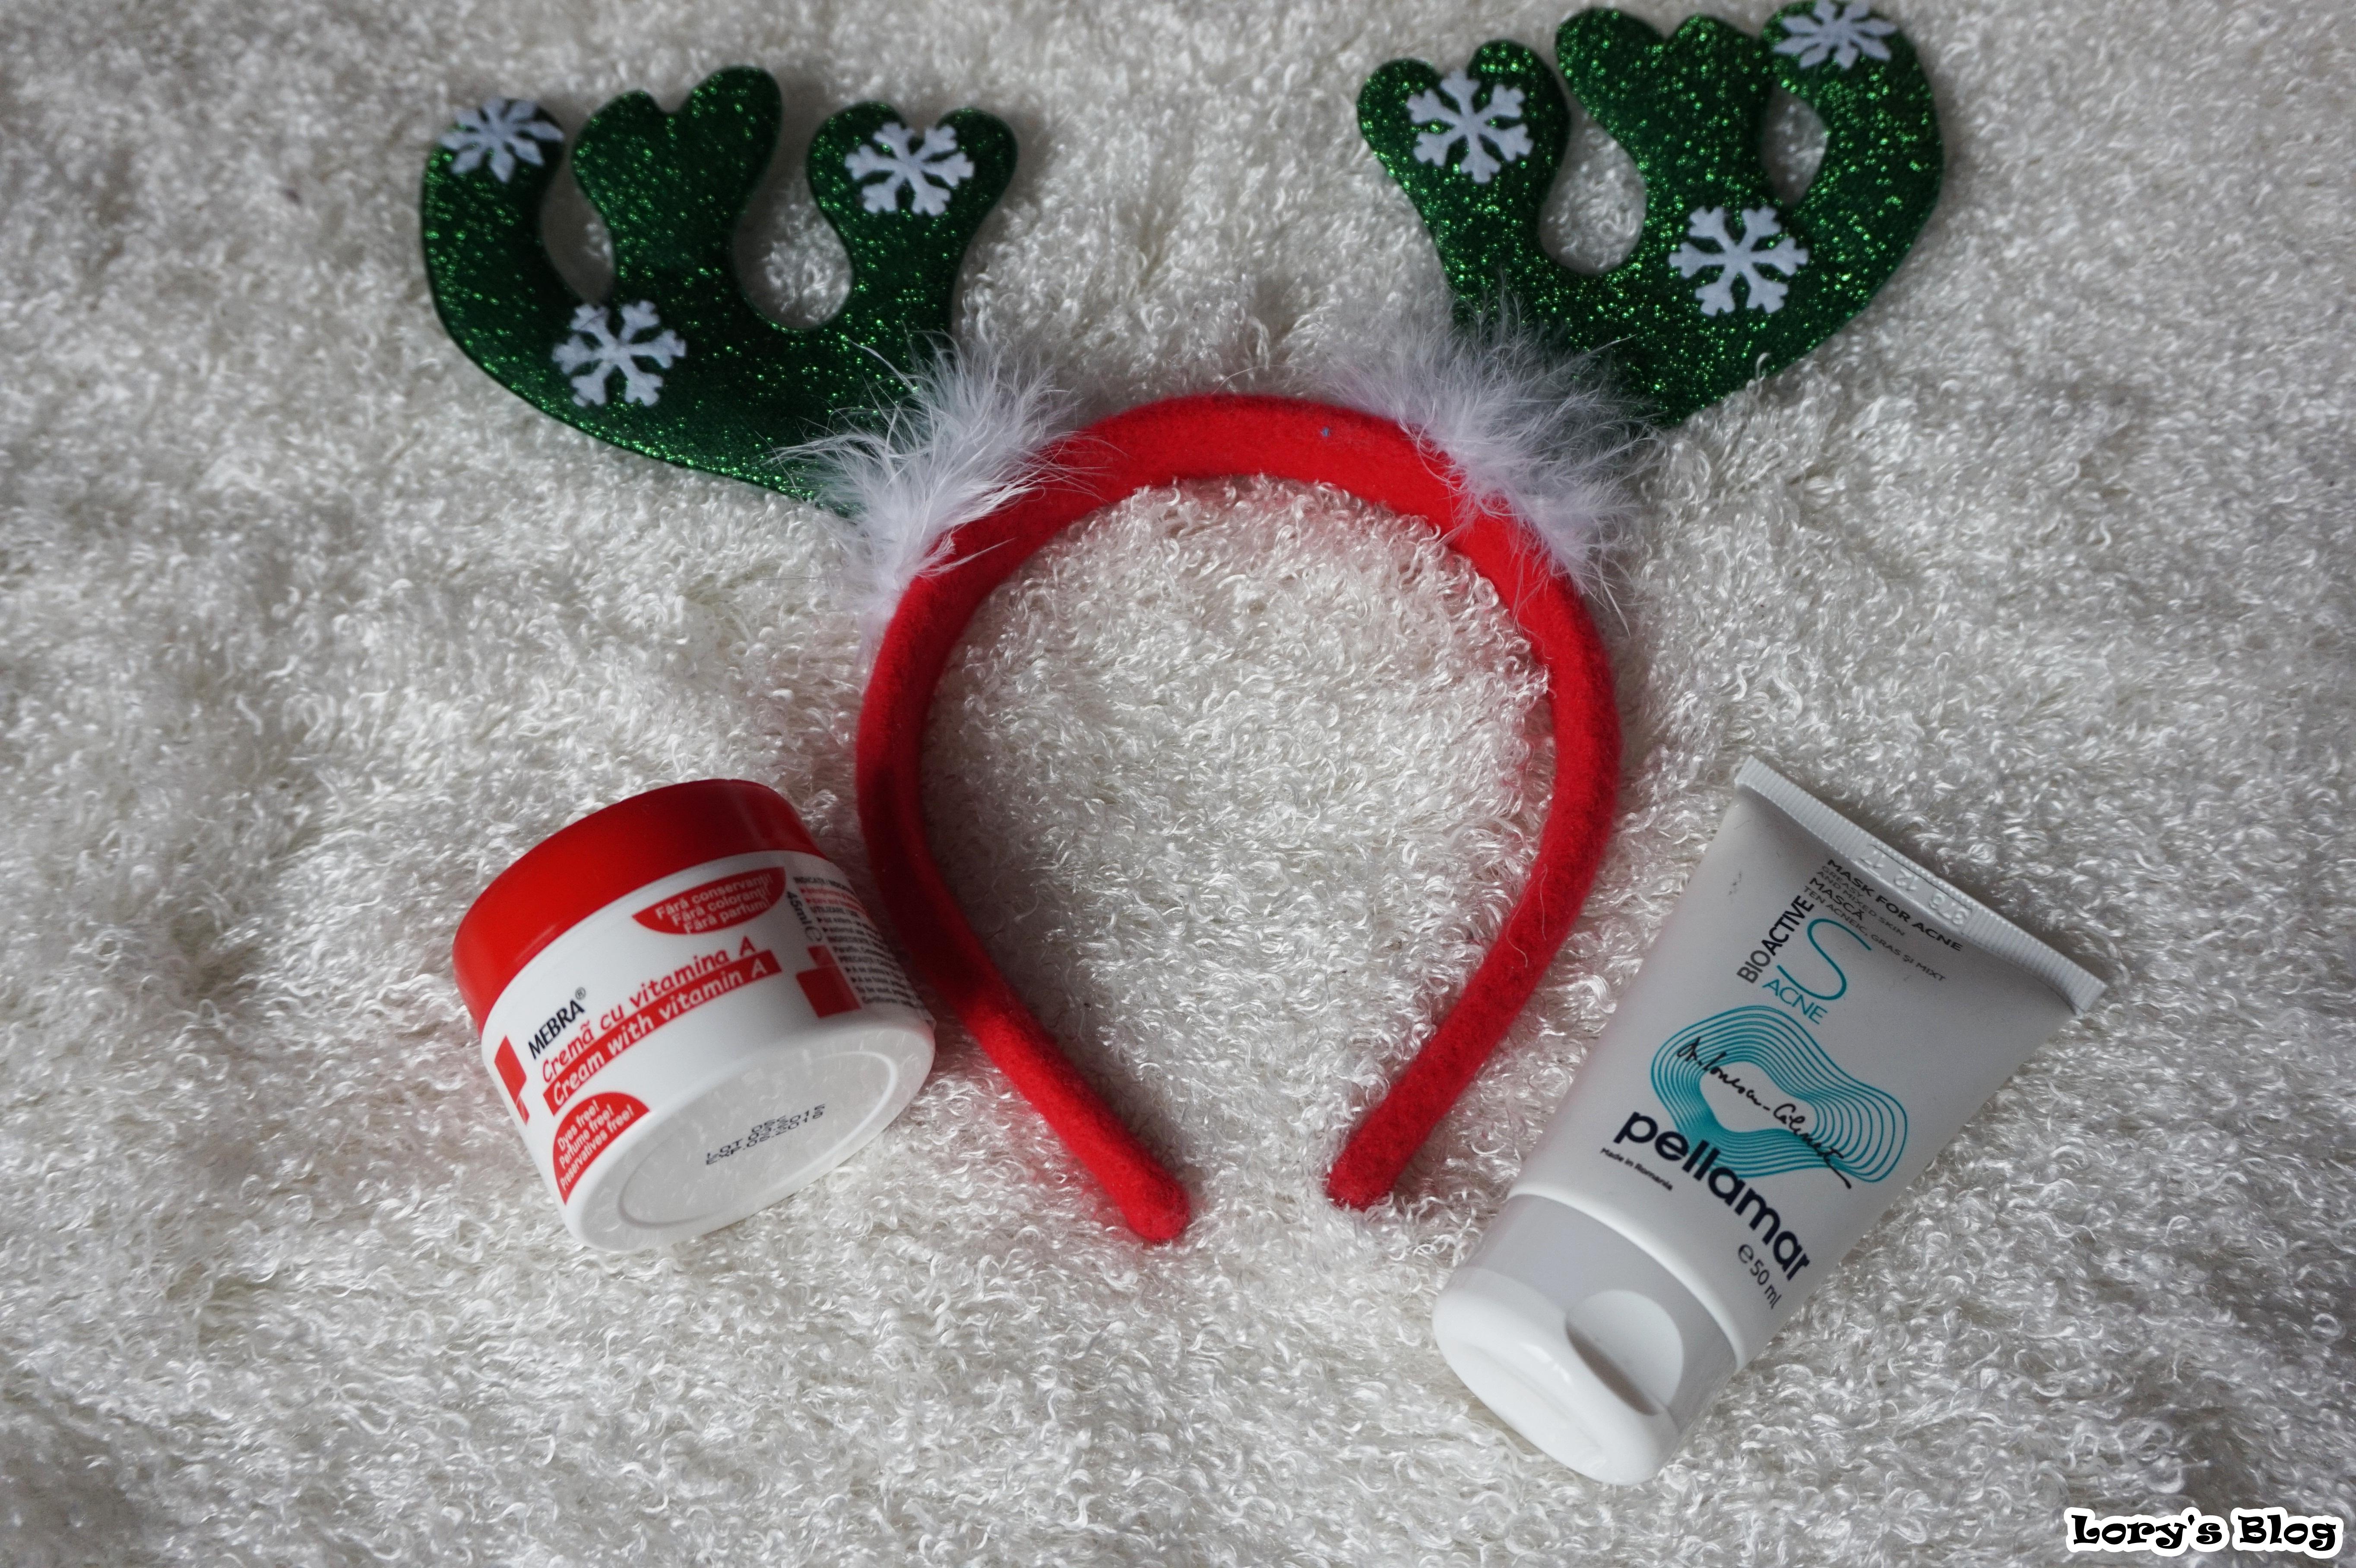 produse-ingrijire-ten-iubite-in-2015